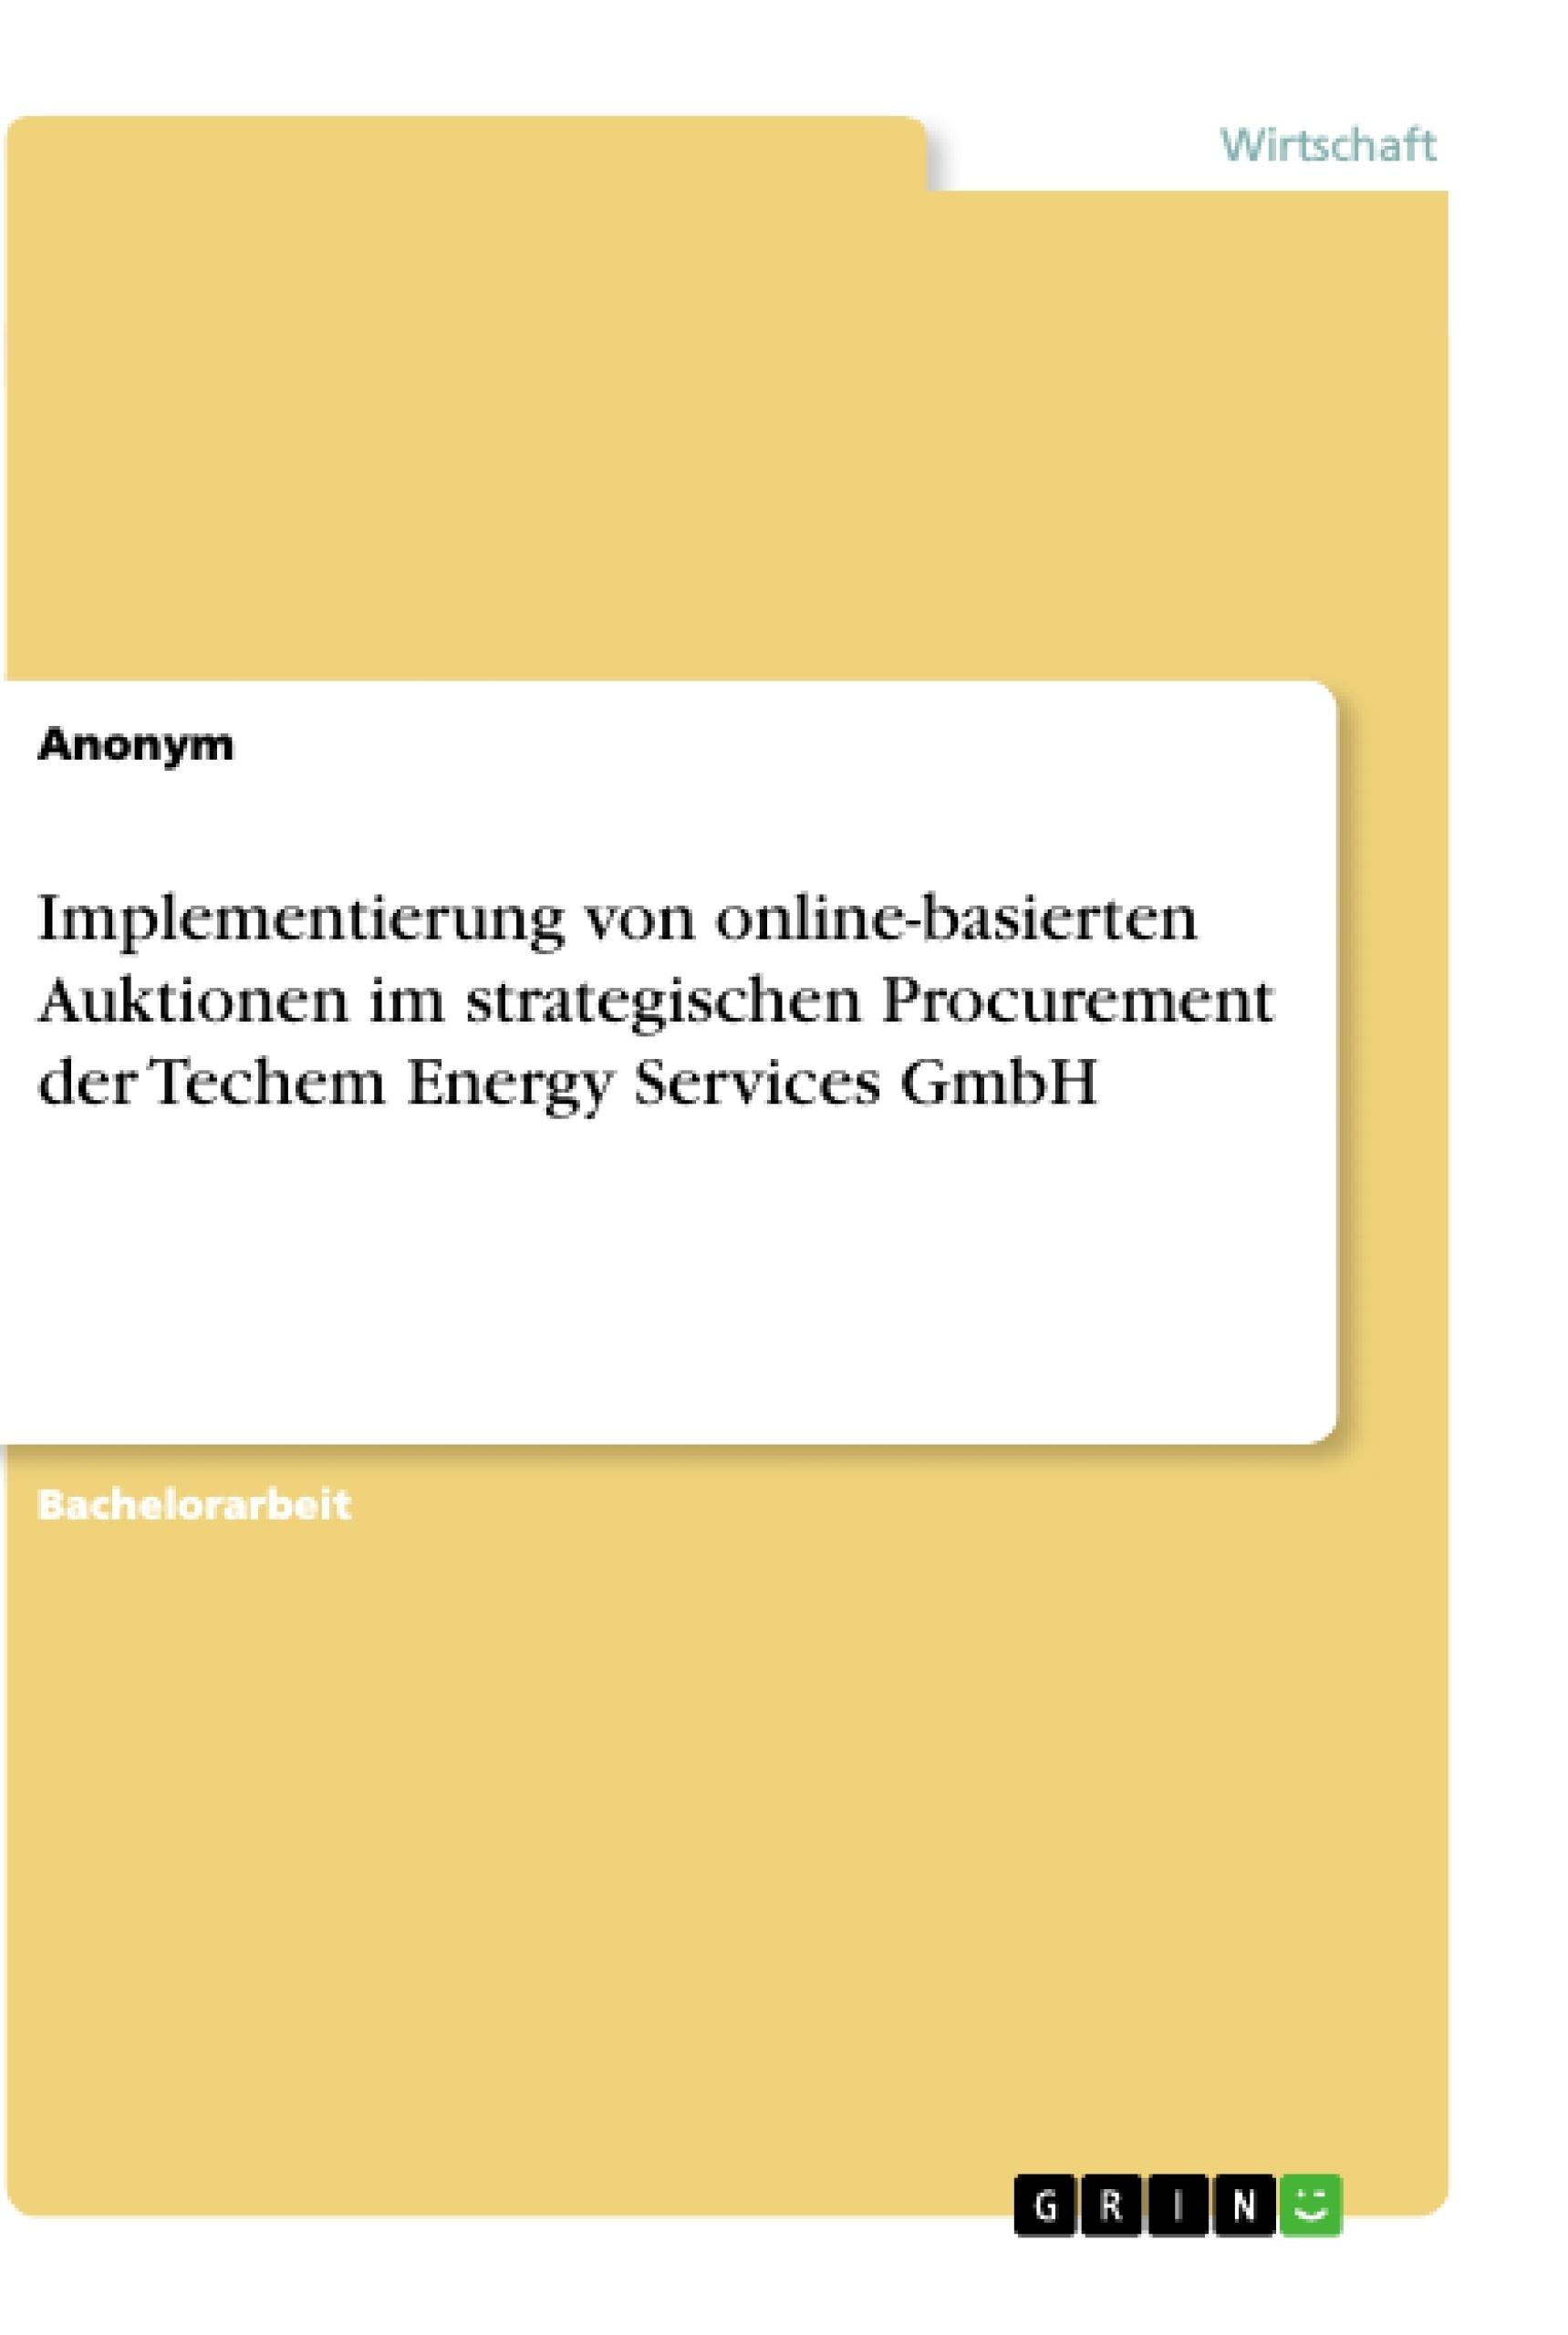 Titel: Implementierung von online-basierten Auktionen im strategischen Procurement der Techem Energy Services GmbH